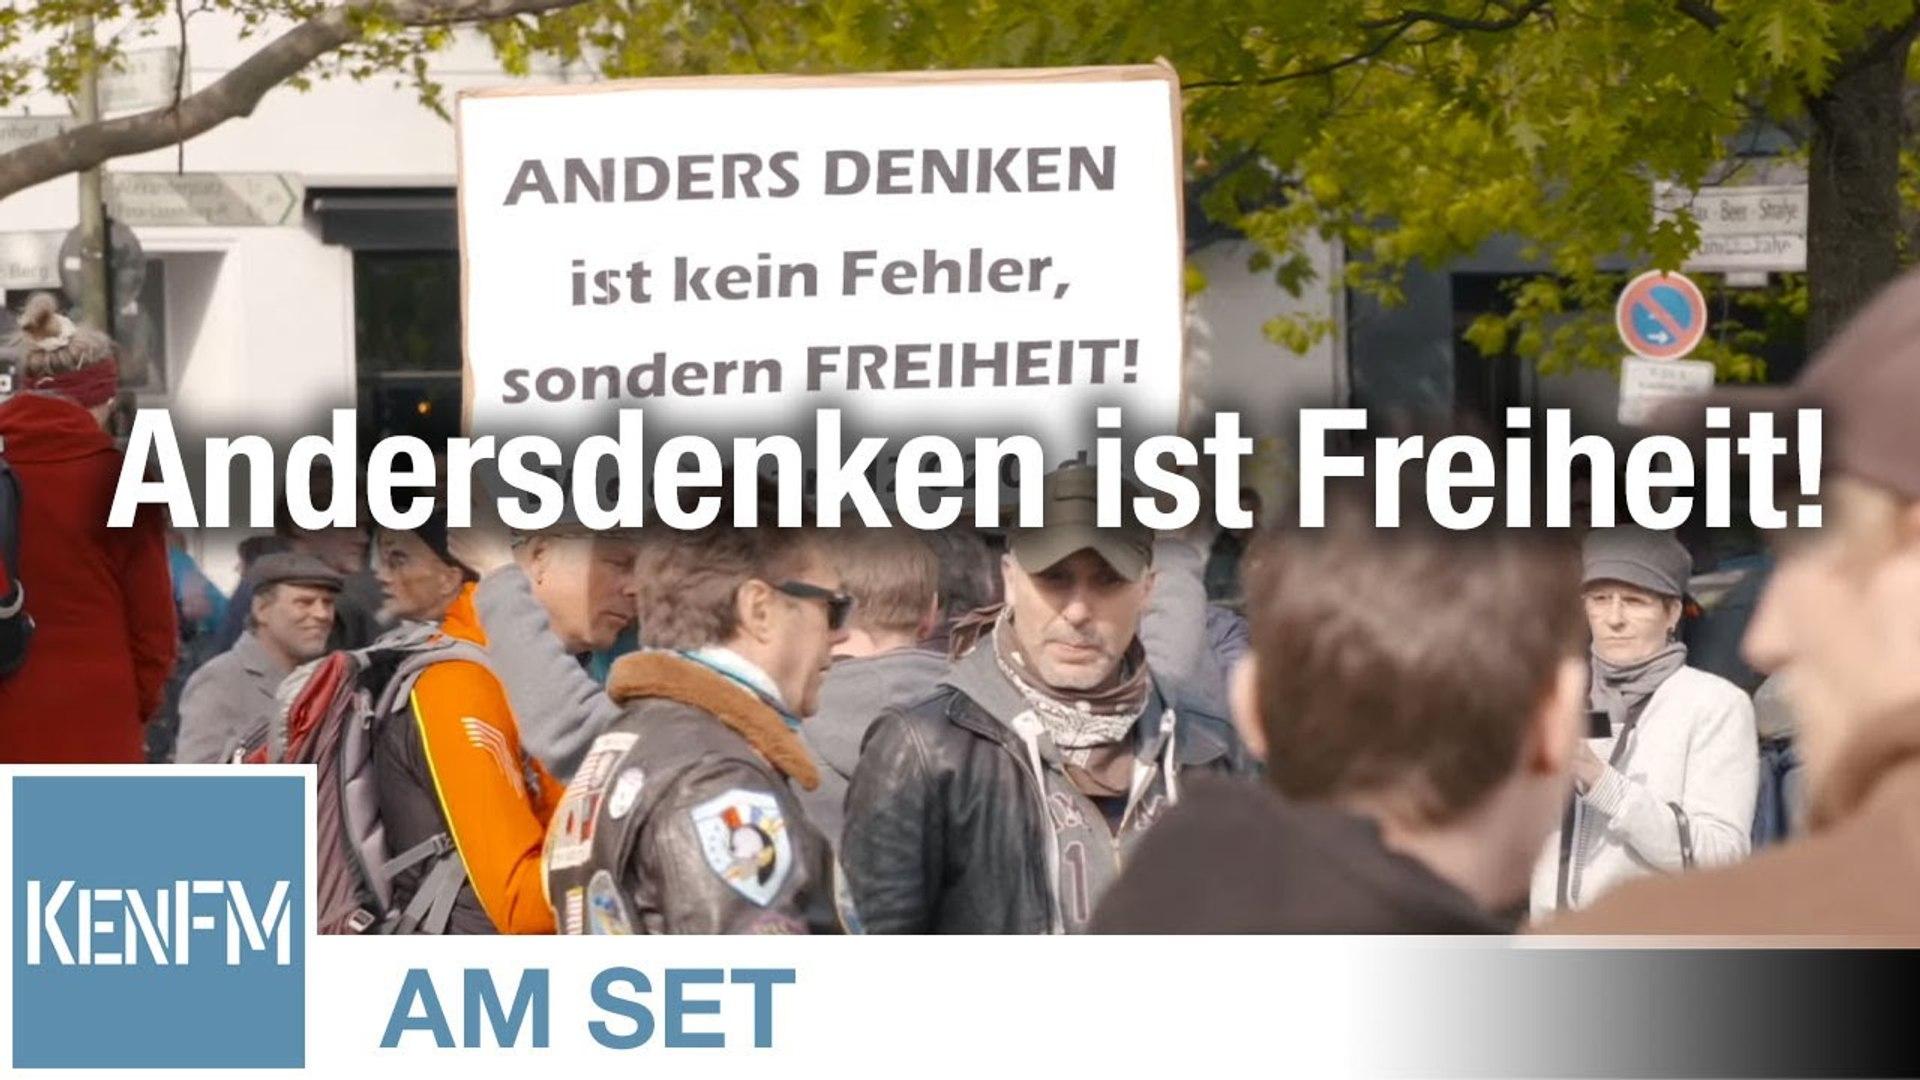 KenFM am Set: Grundgesetz-Demo, Rosa-Luxemburg-Platz am 02.05.2020 in Berlin